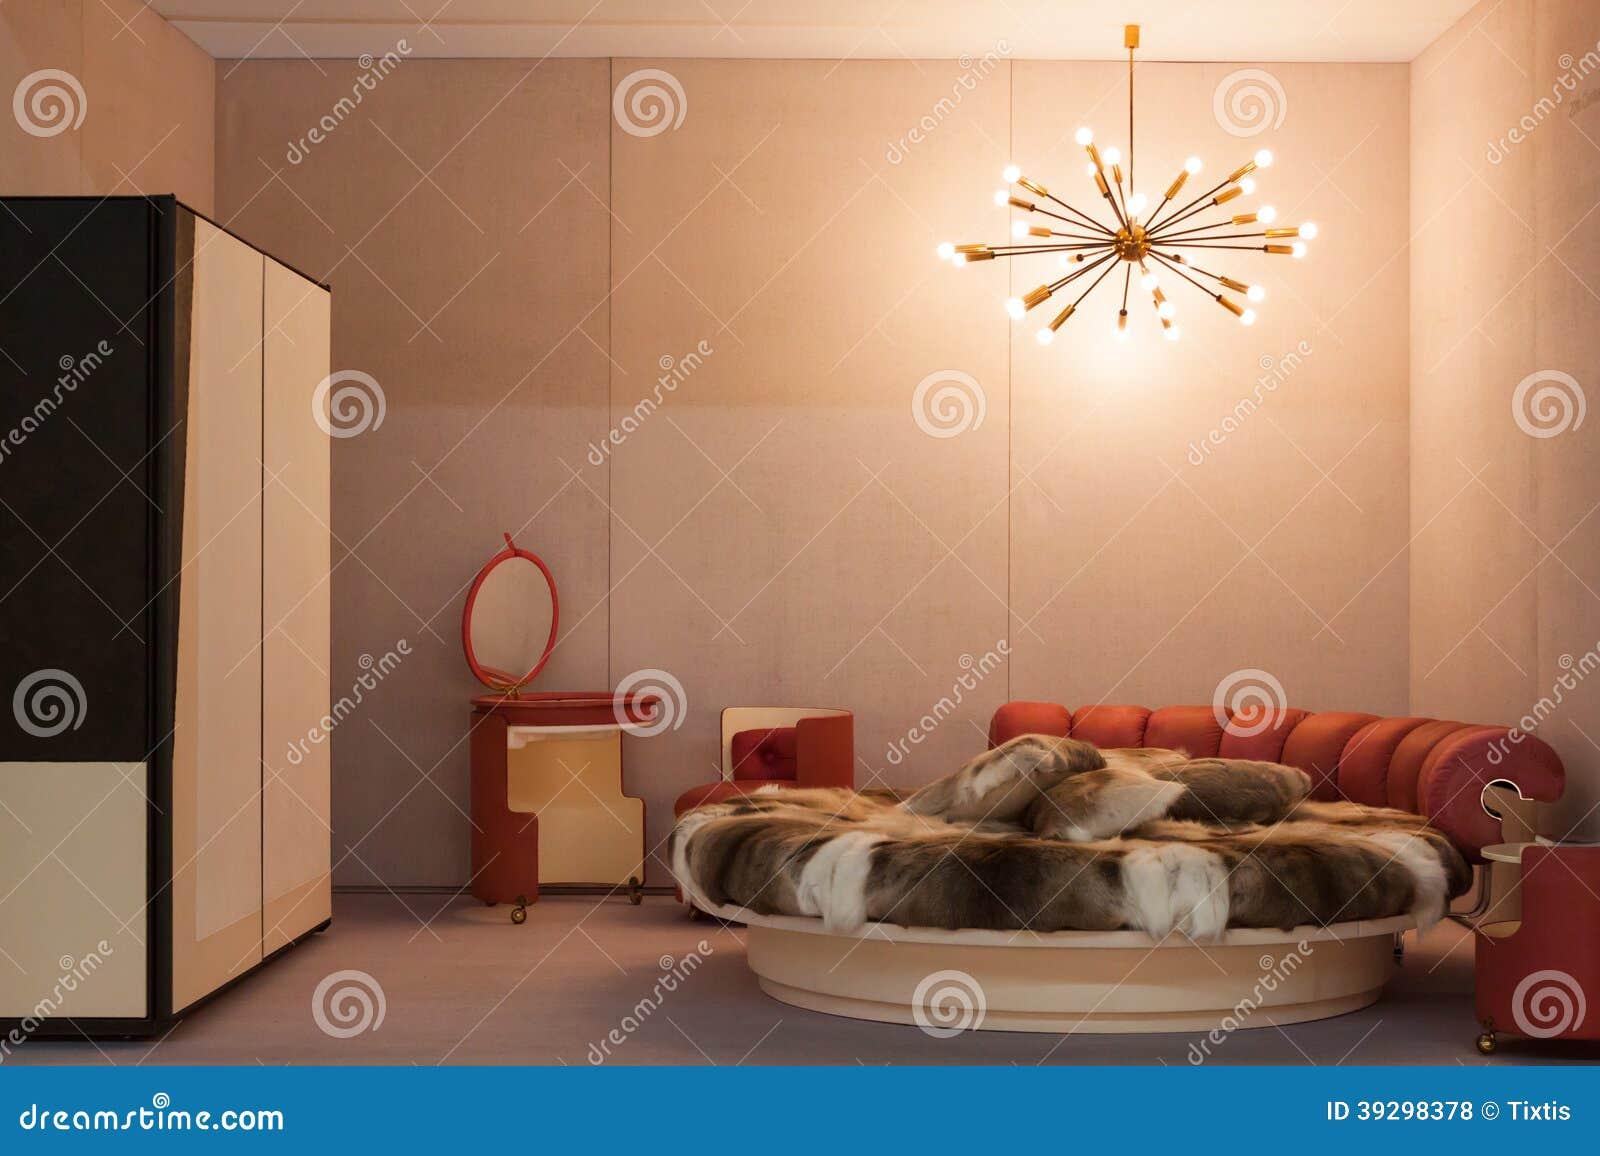 Camera da letto d 39 annata a miart 2014 a milano italia for Camera da letto usata milano